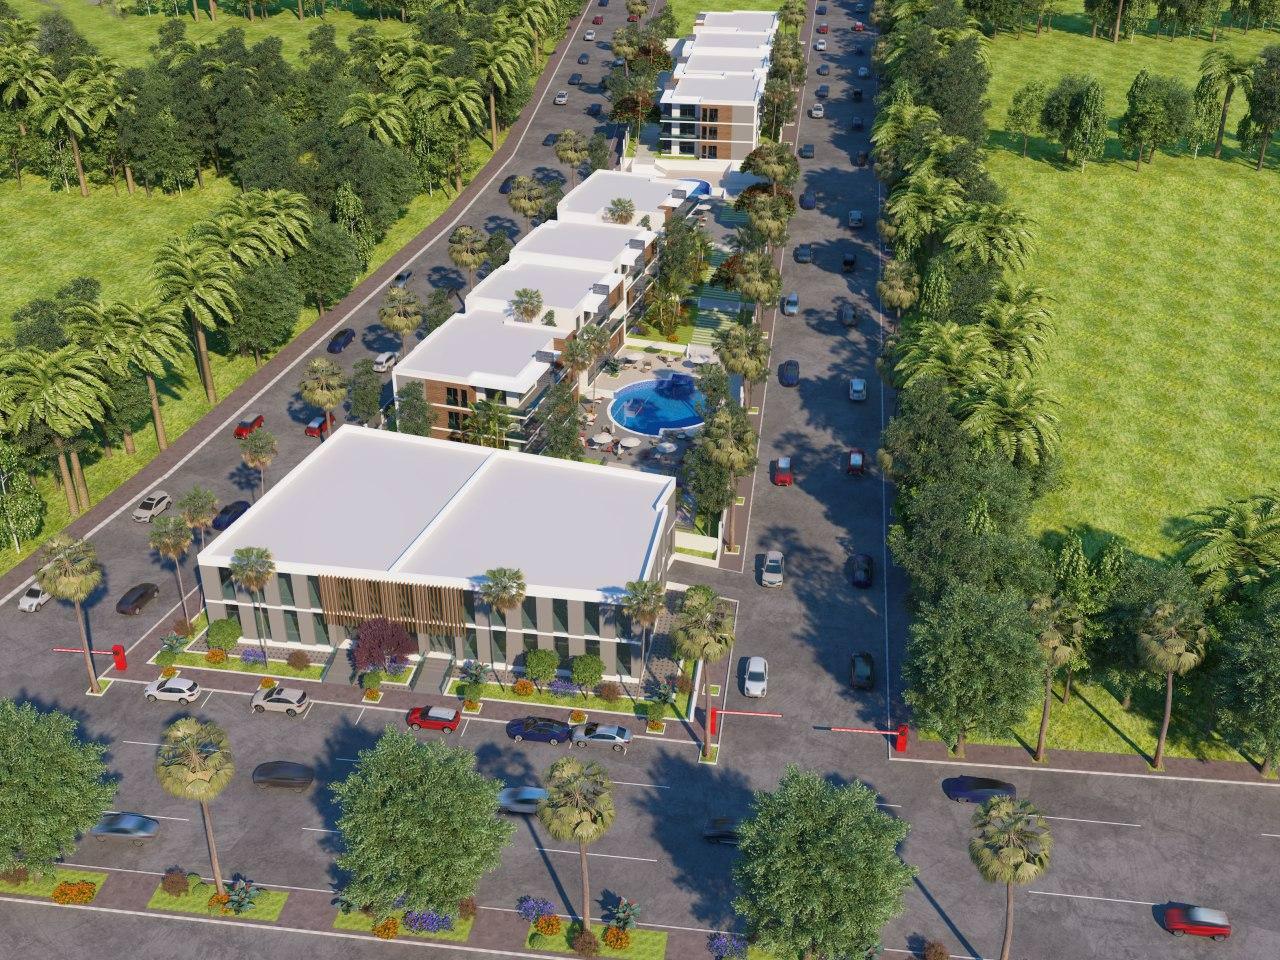 iCom-Agence-de-Communication-au-Maroc-Casablanca-creation-site-web-images-3d-architecture2020-05-27 at 5.17.23 PM 8